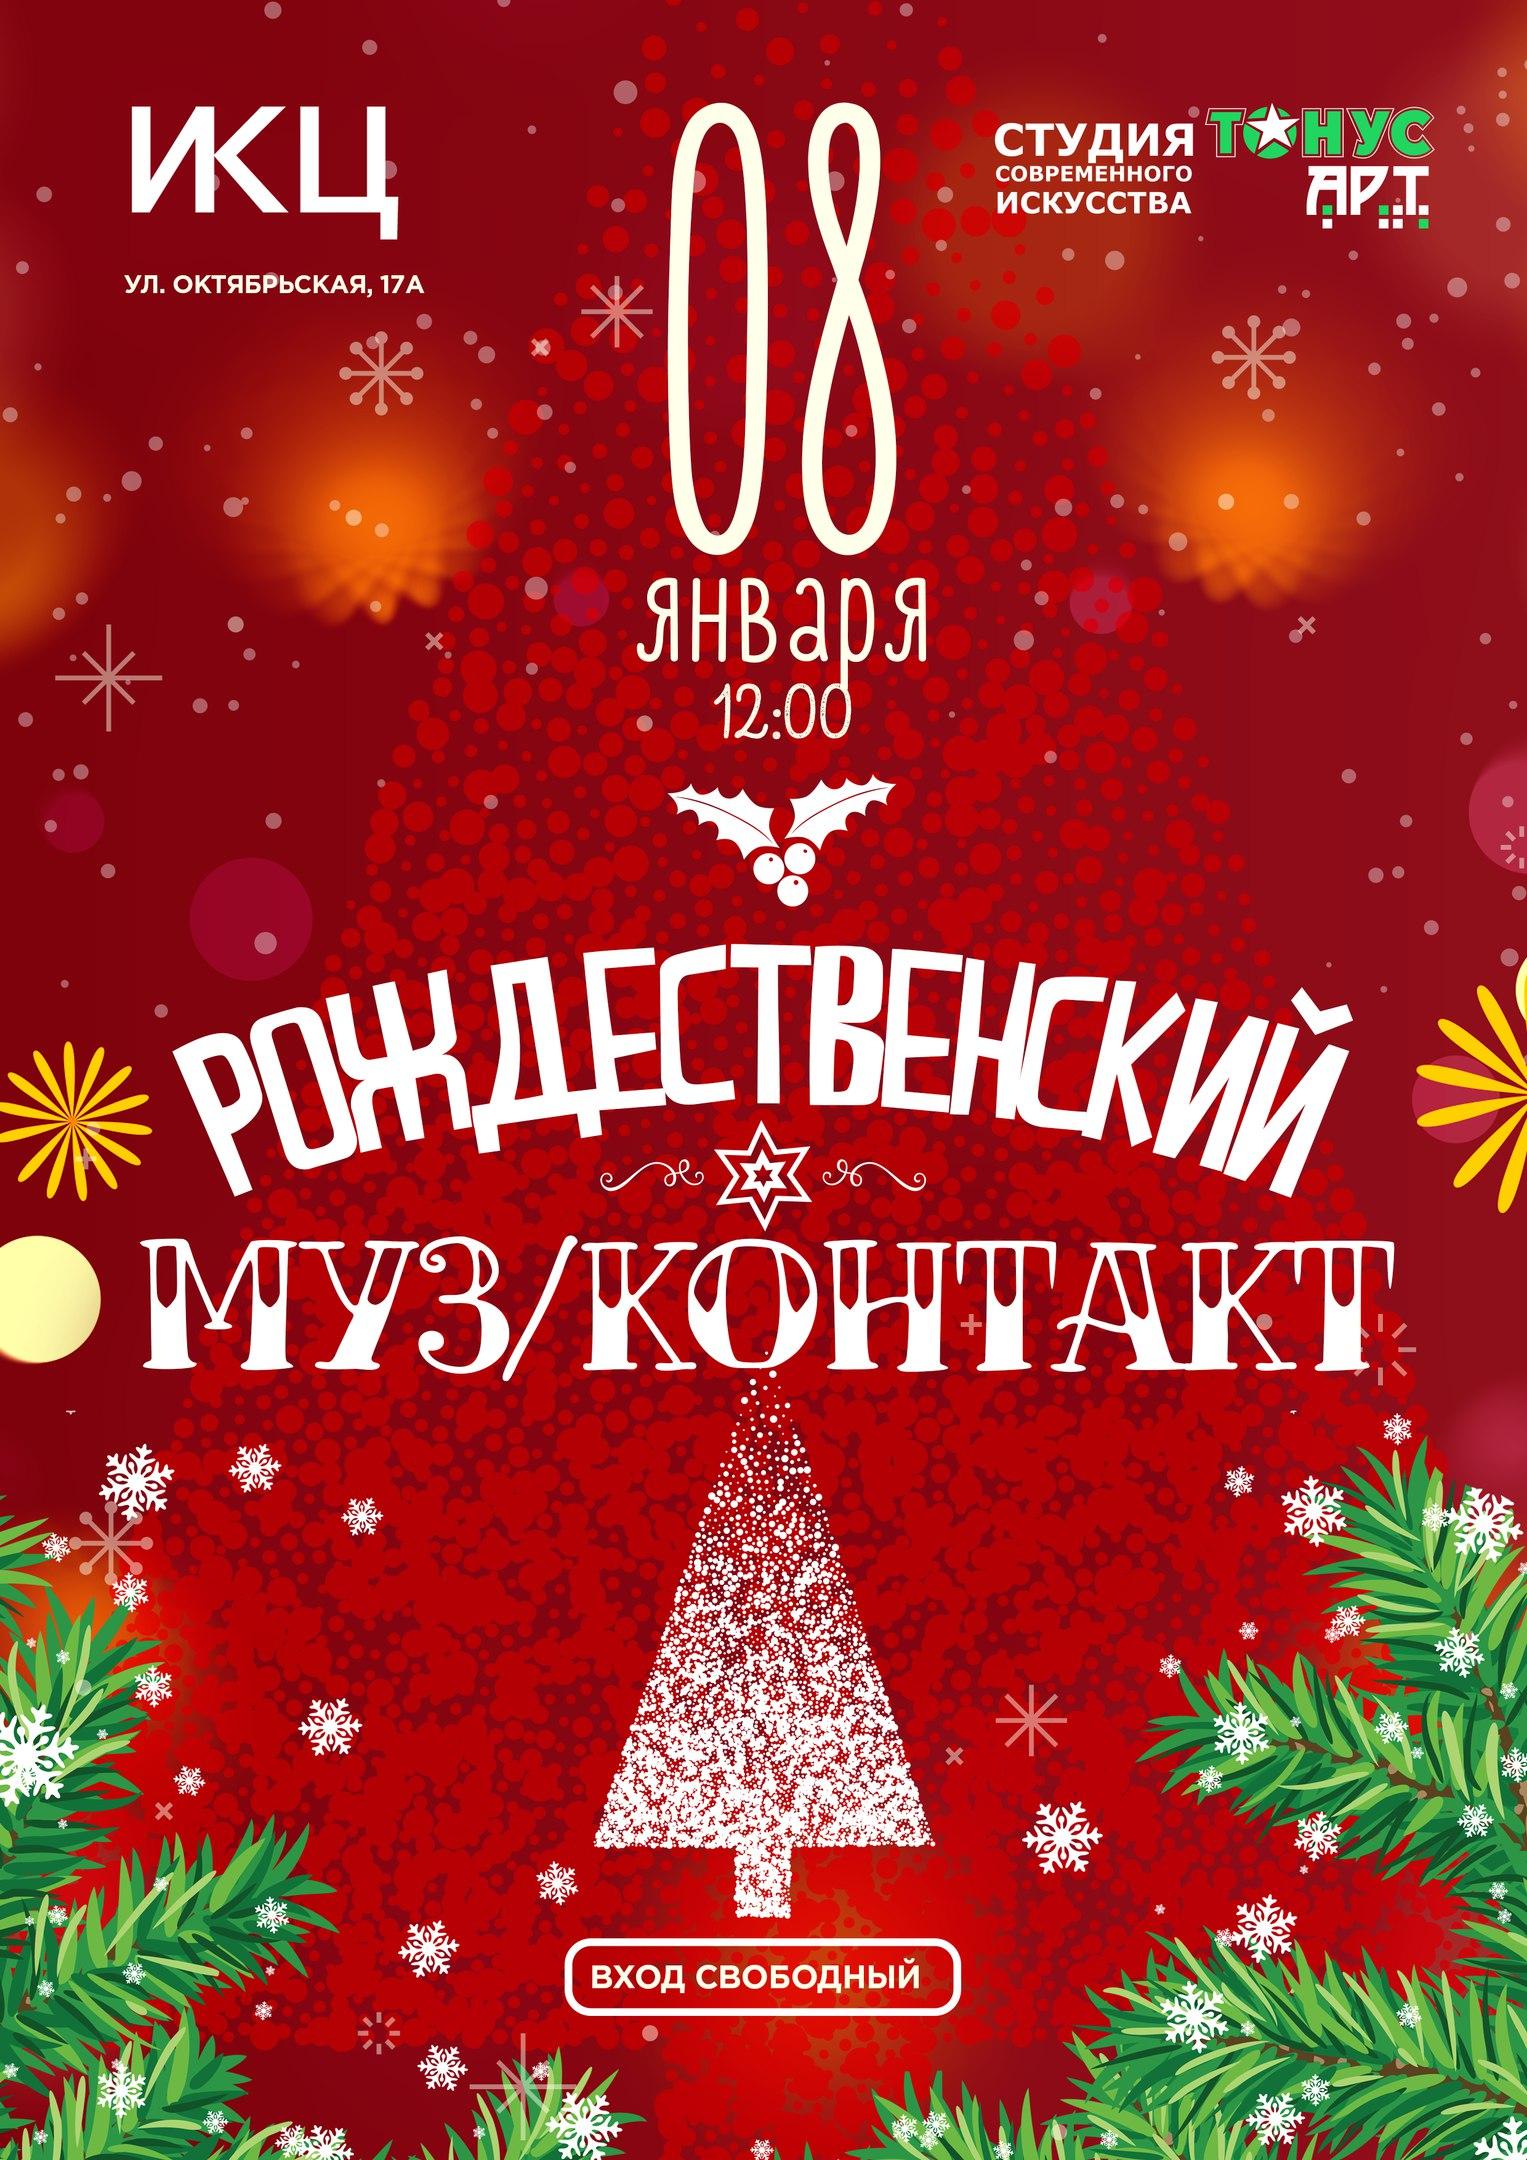 """""""Рождественский МУЗ/КОНТАКТ"""" в ИКЦ"""